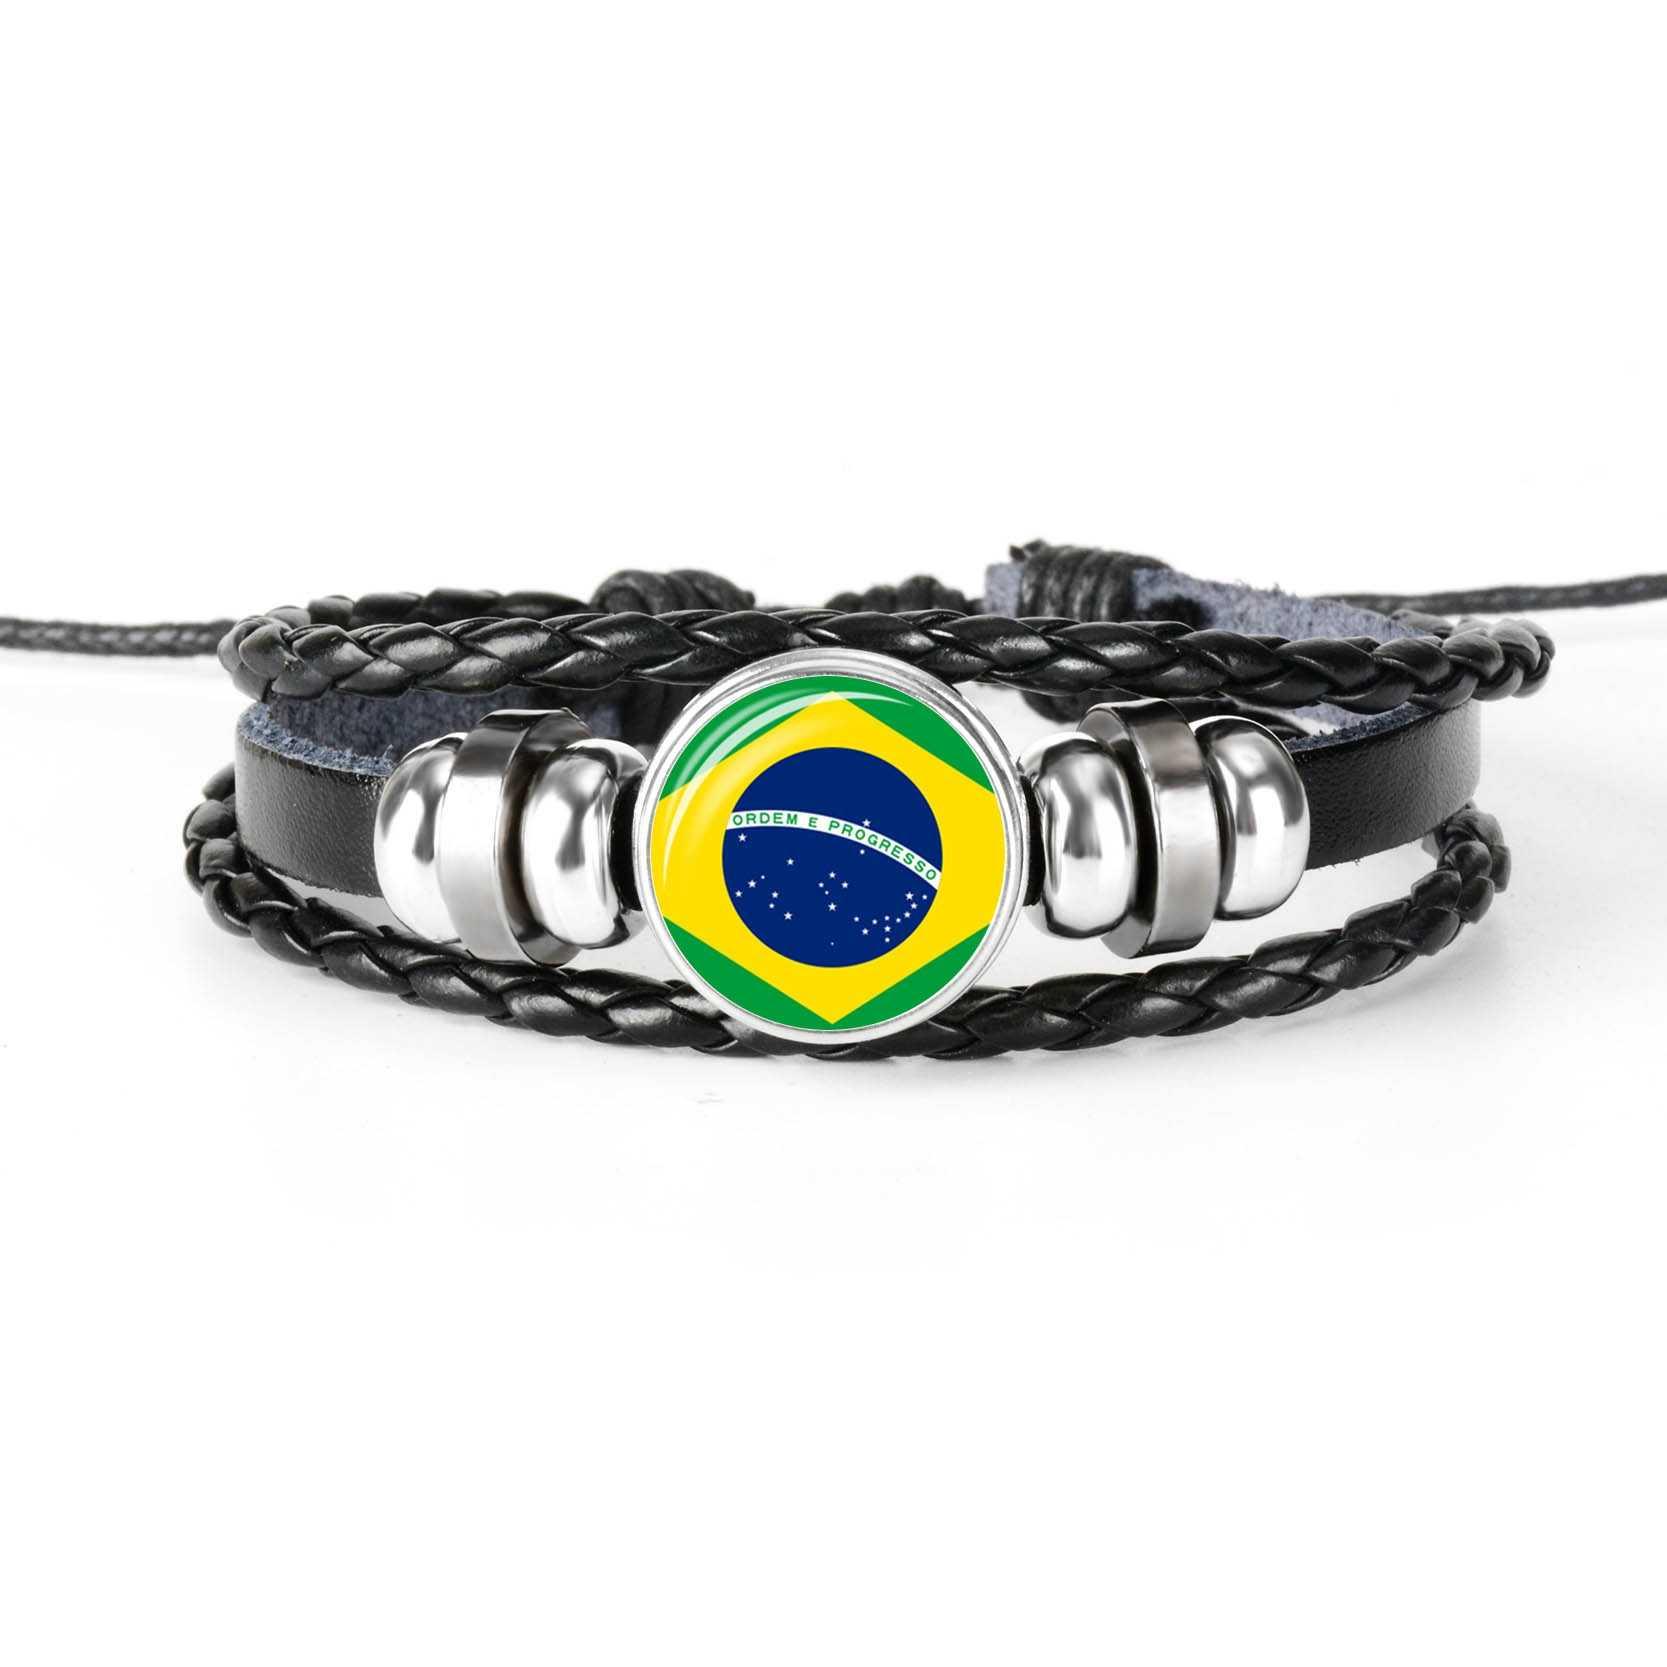 2019 ใหม่แฟชั่น Handmade แอลจีเรียธงบราซิลสร้อยข้อมือกำไลข้อมือผู้ชายและผู้หญิงแก้ว Cabochon สร้อยข้อมือหนังเครื่องประดับของขวัญ